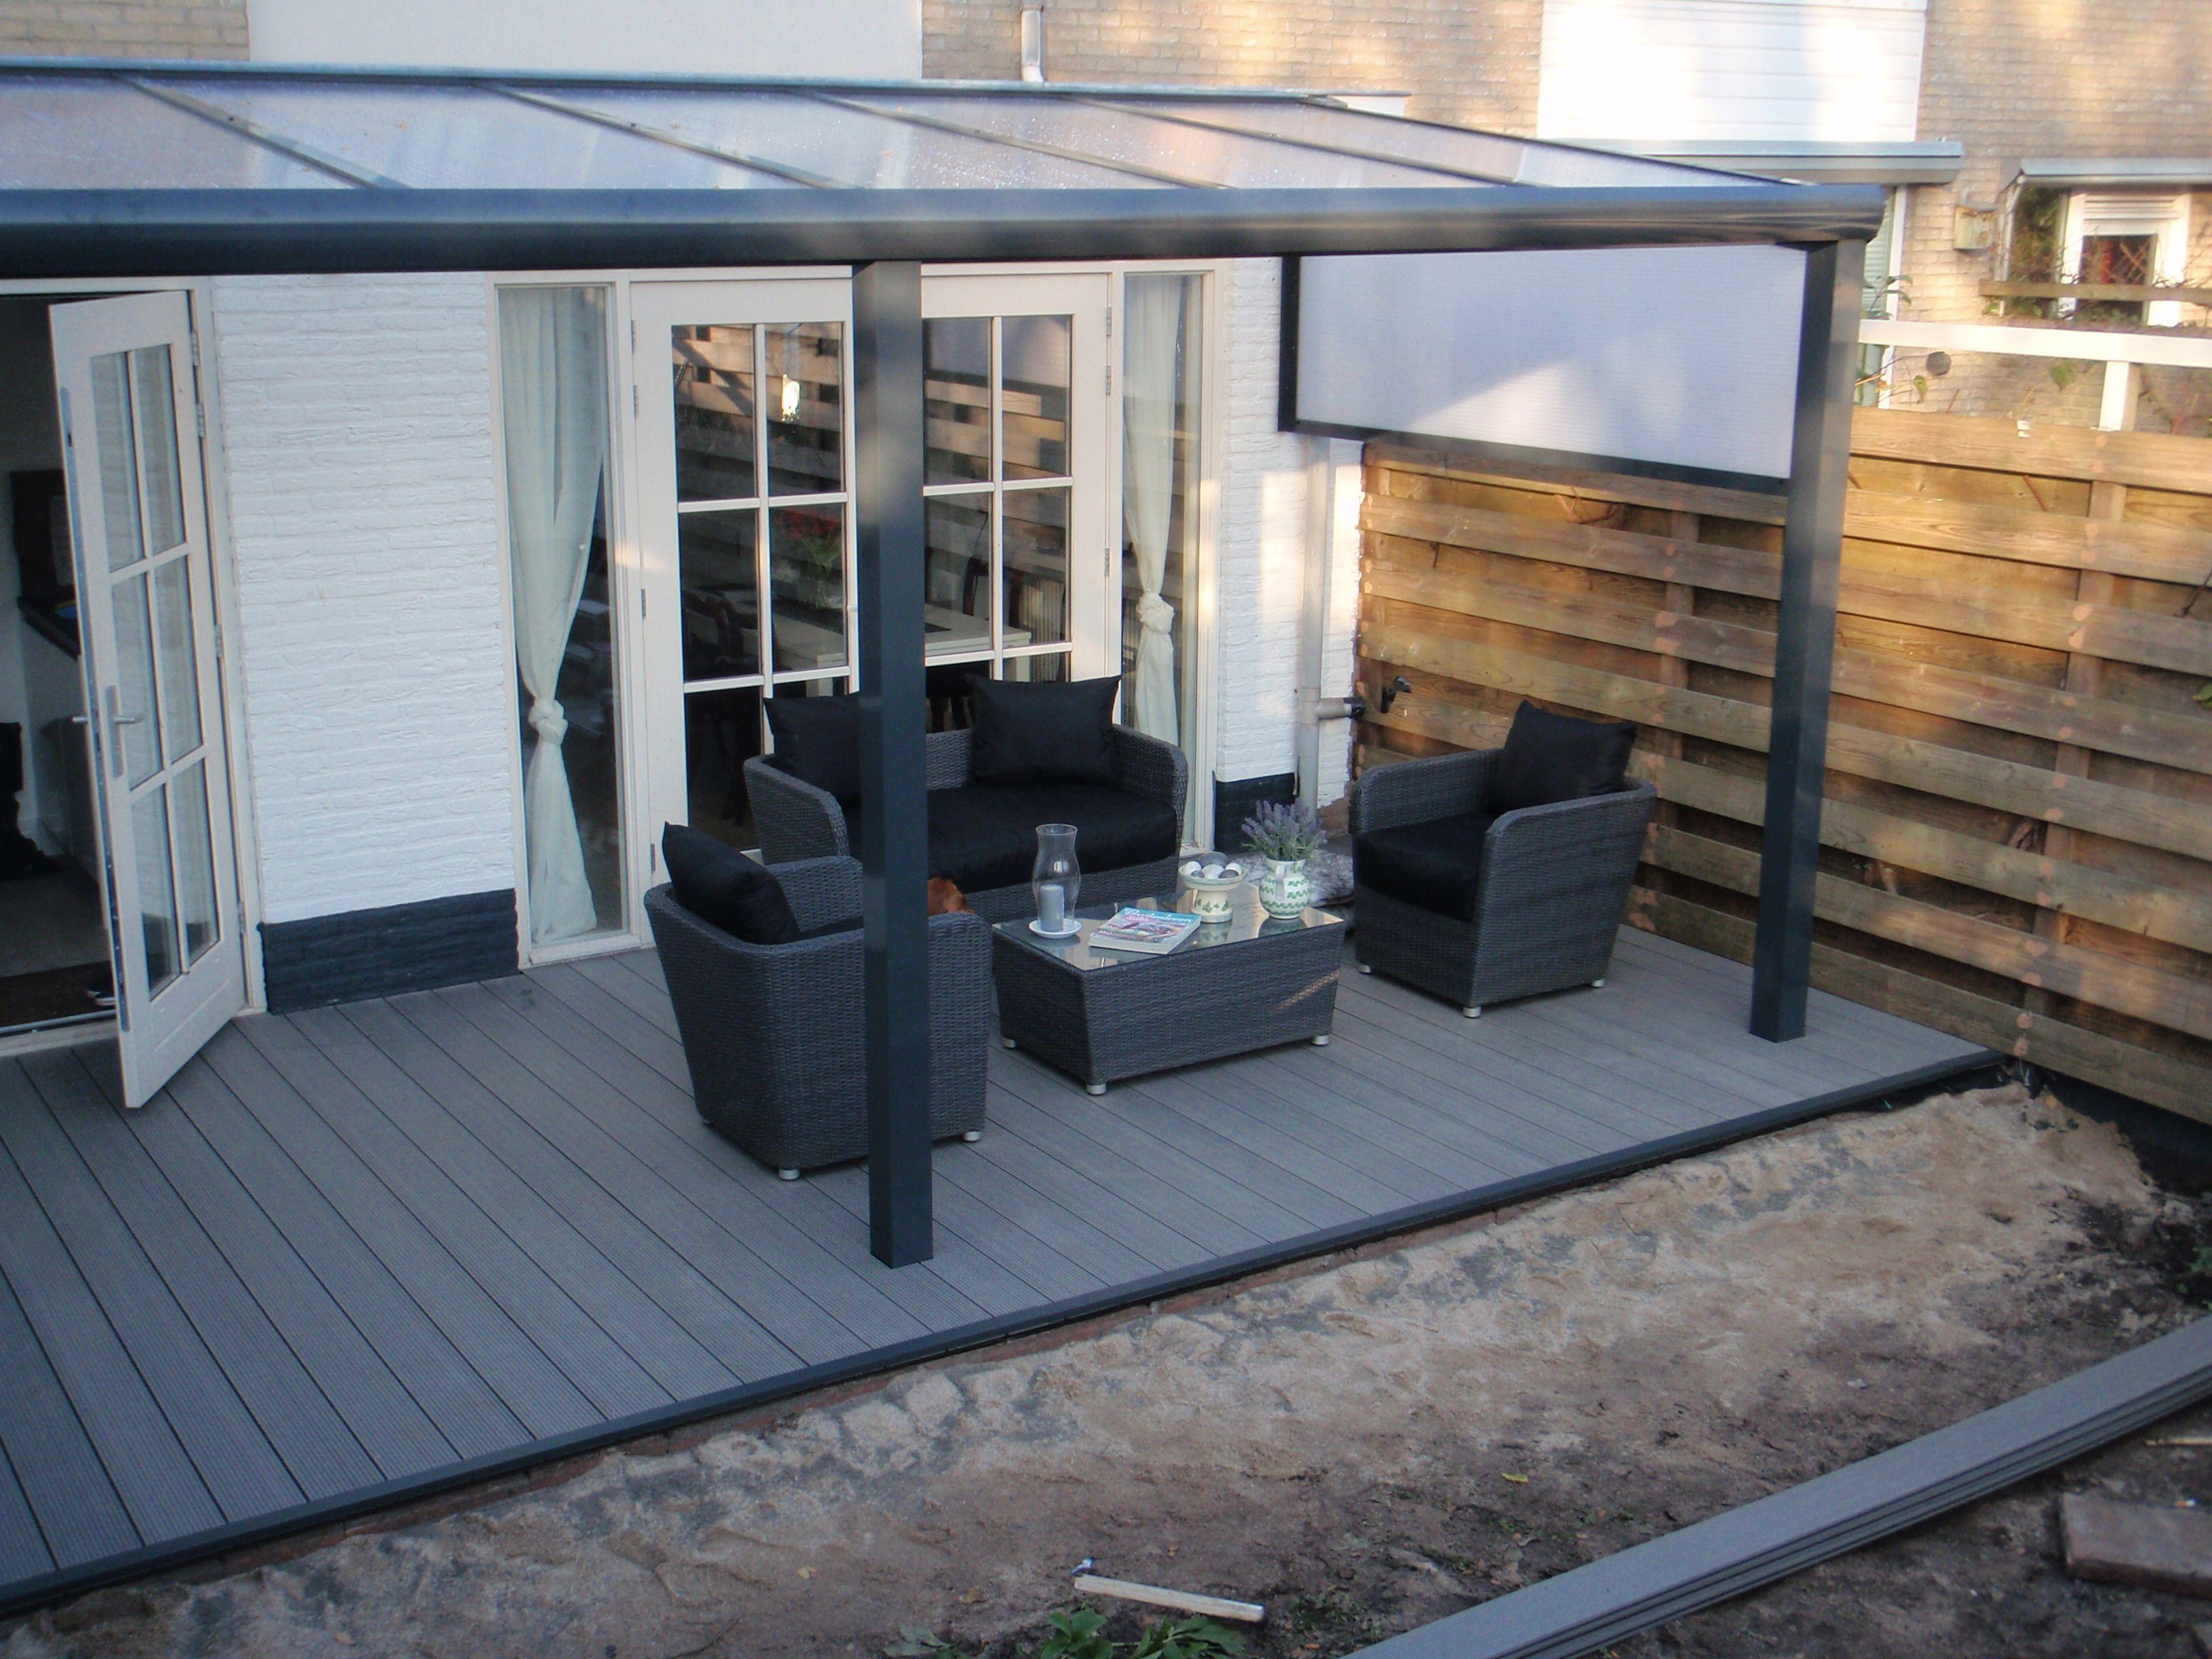 terrassen berdachung terrassen berdachung pinterest. Black Bedroom Furniture Sets. Home Design Ideas